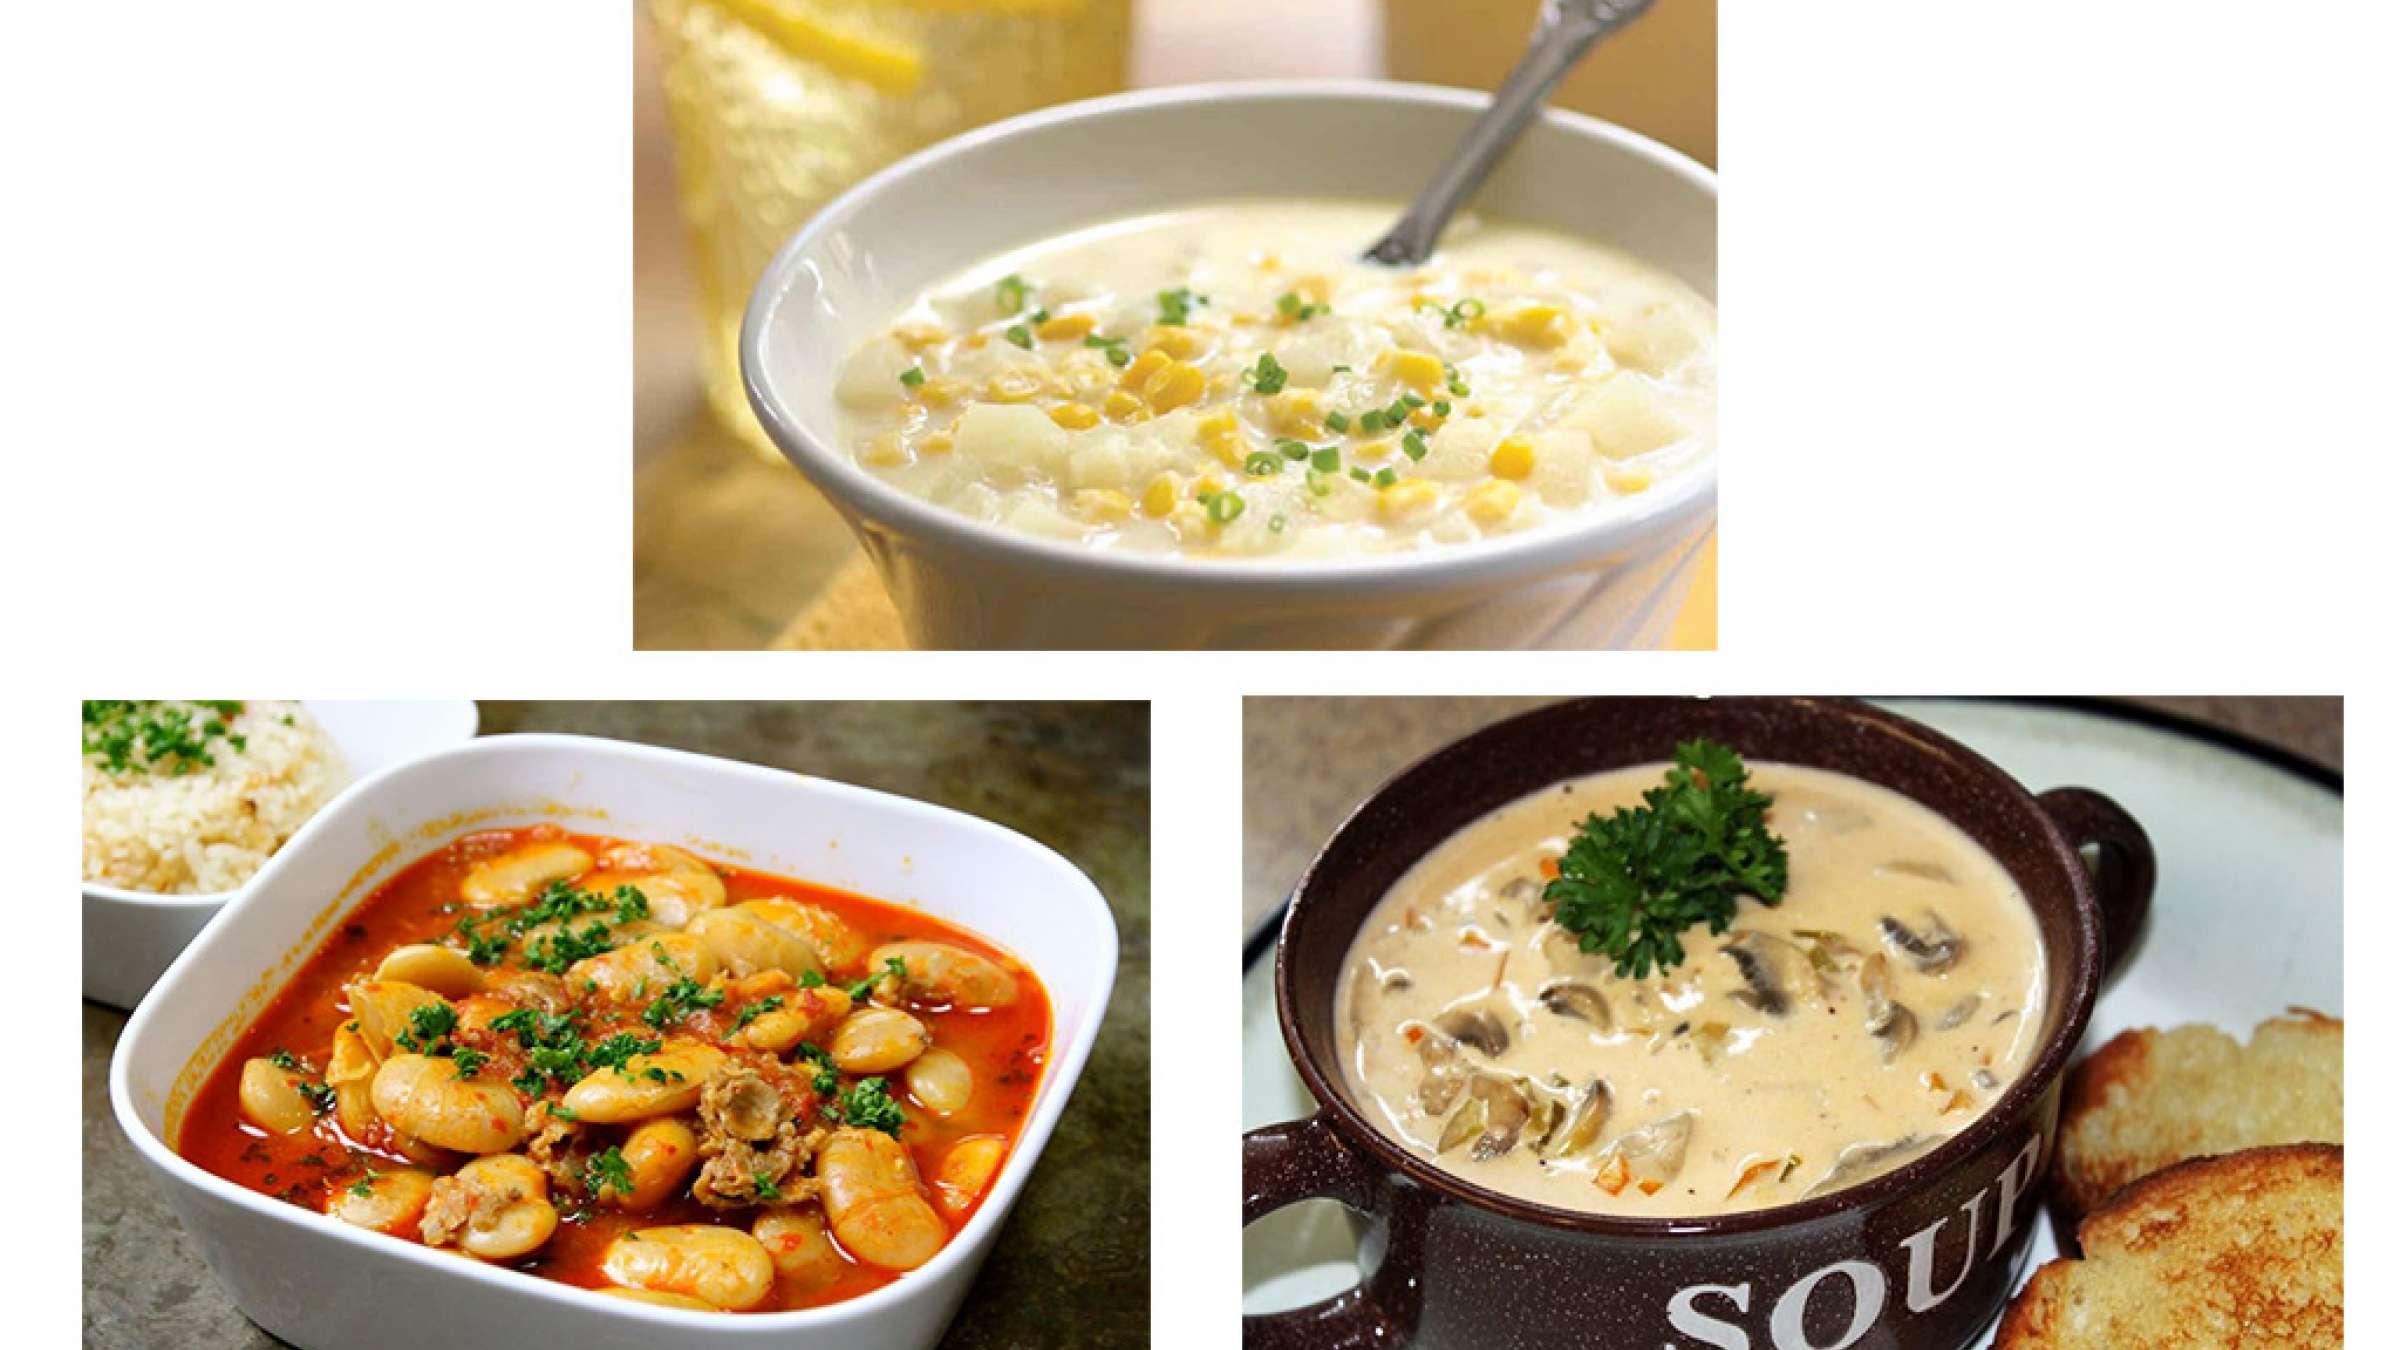 آشپزی-ترابی-سالاد-ذرت-رول-بافته-دارچینی-حلیم-فاصولیه-سوپ-قارچ-کتلت-ماهی